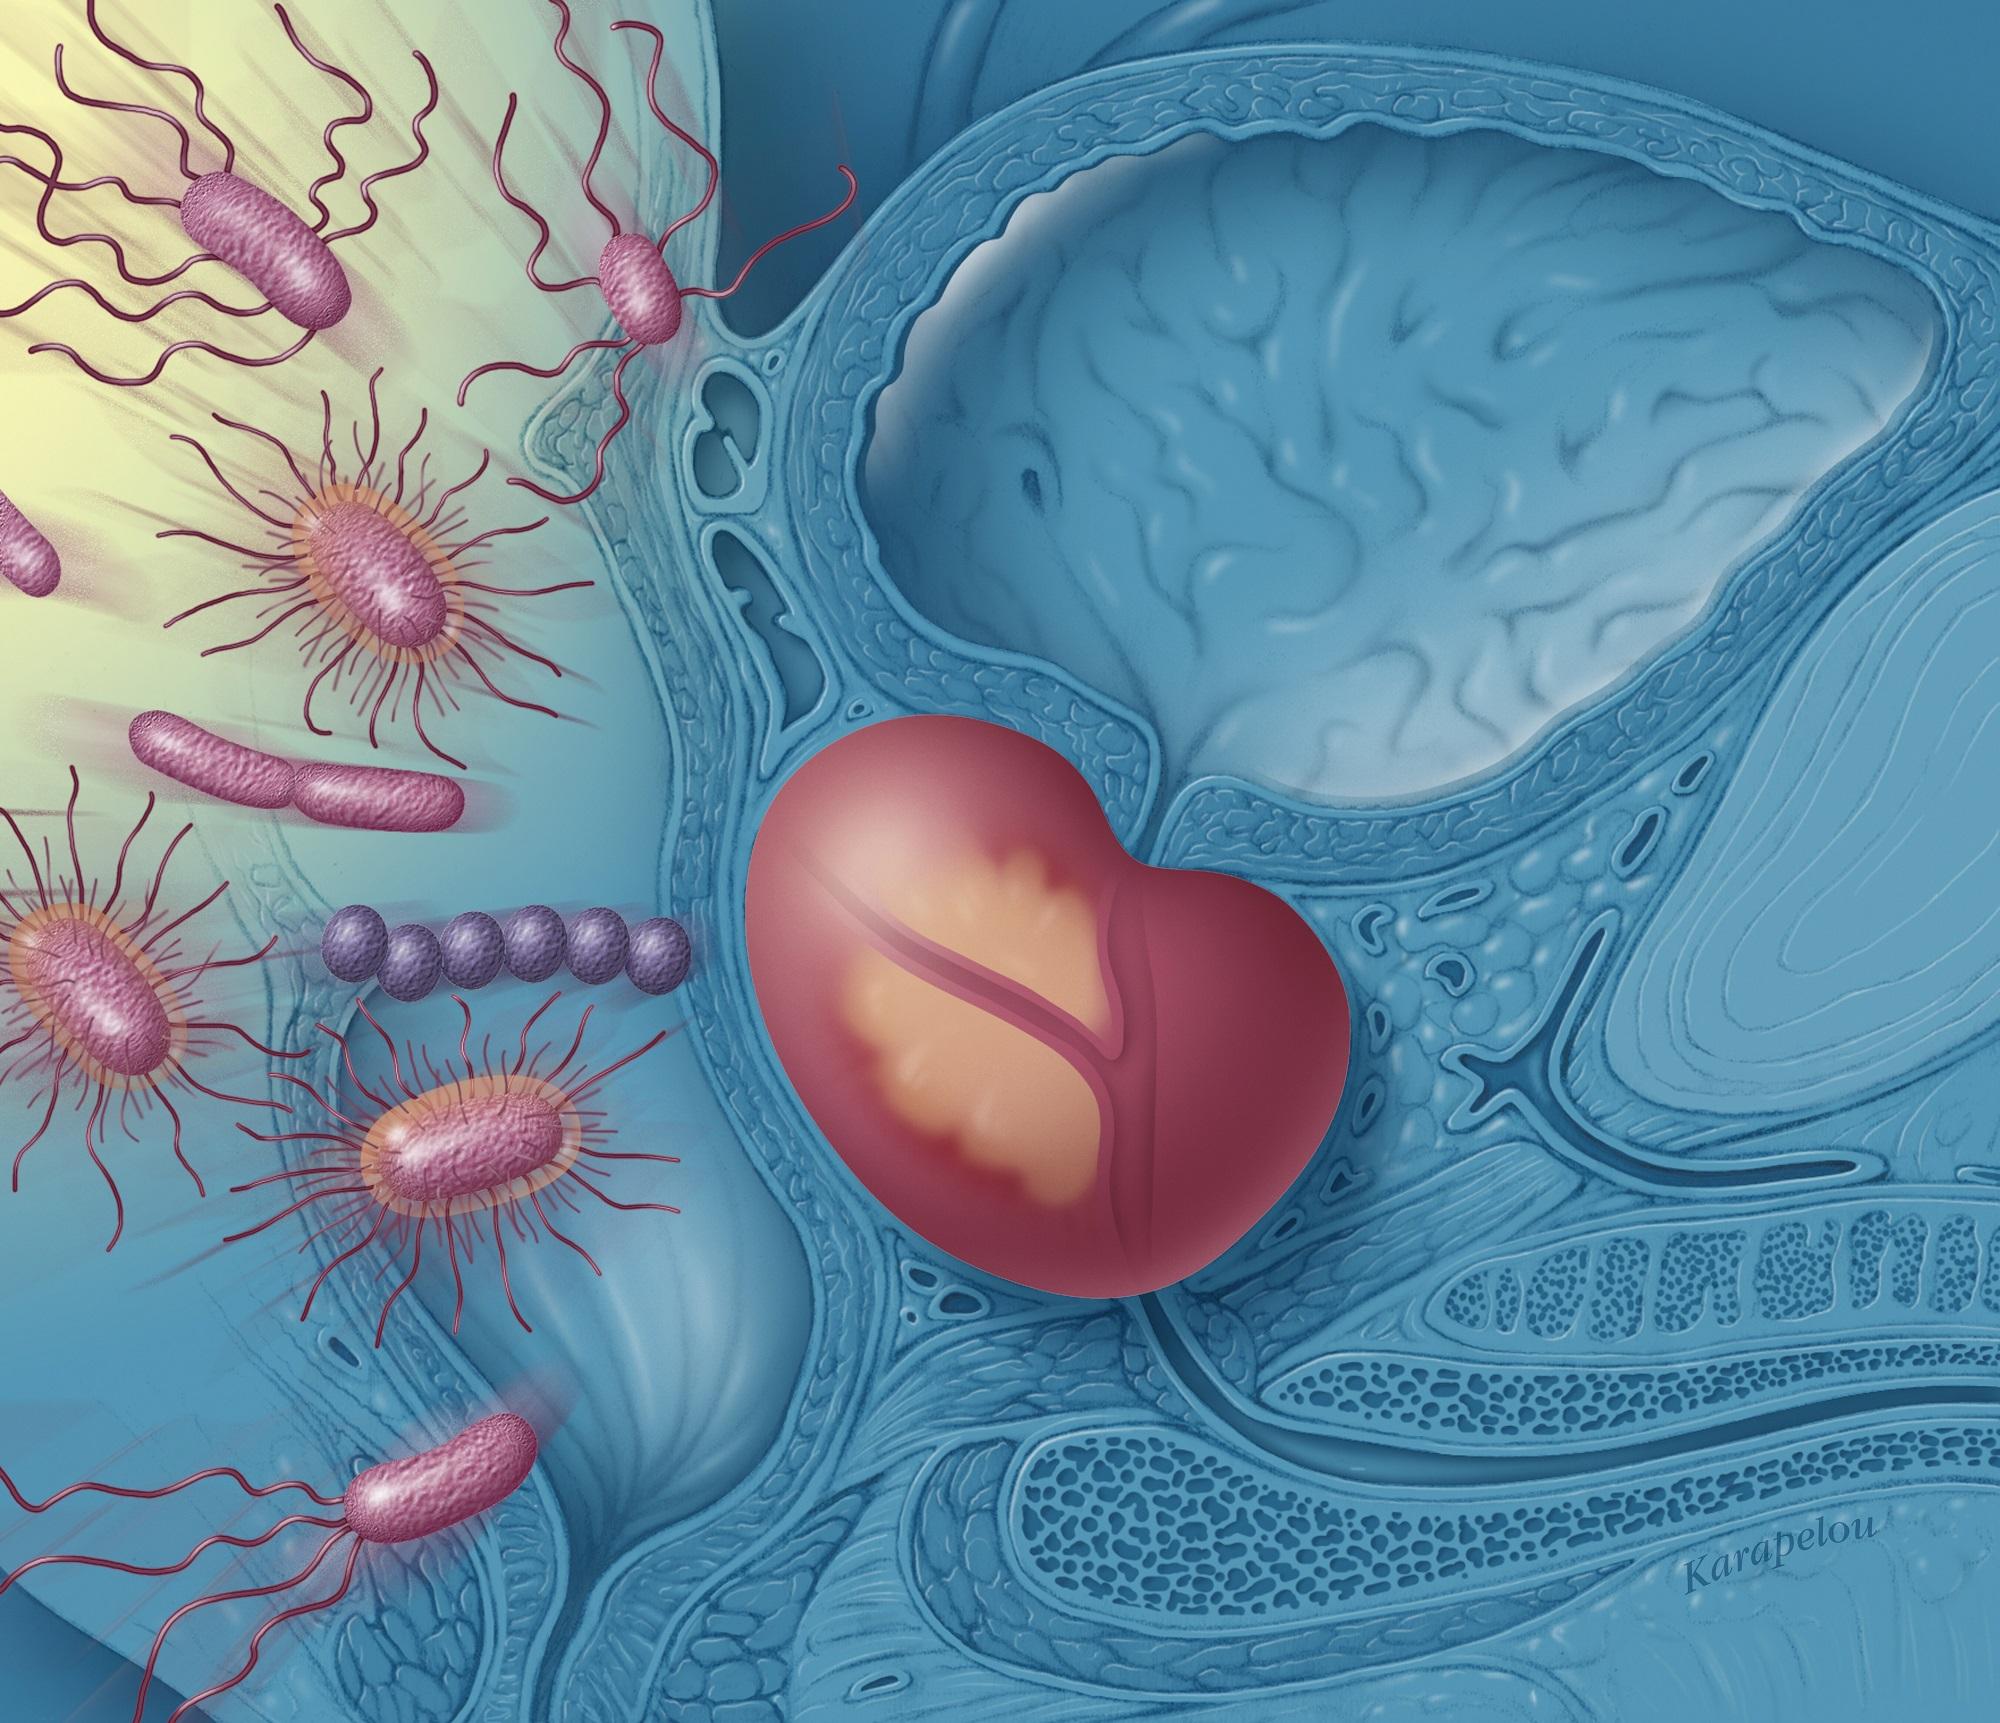 modul în care prostatita cronică afectează erecția erecție slabă în ultimul timp